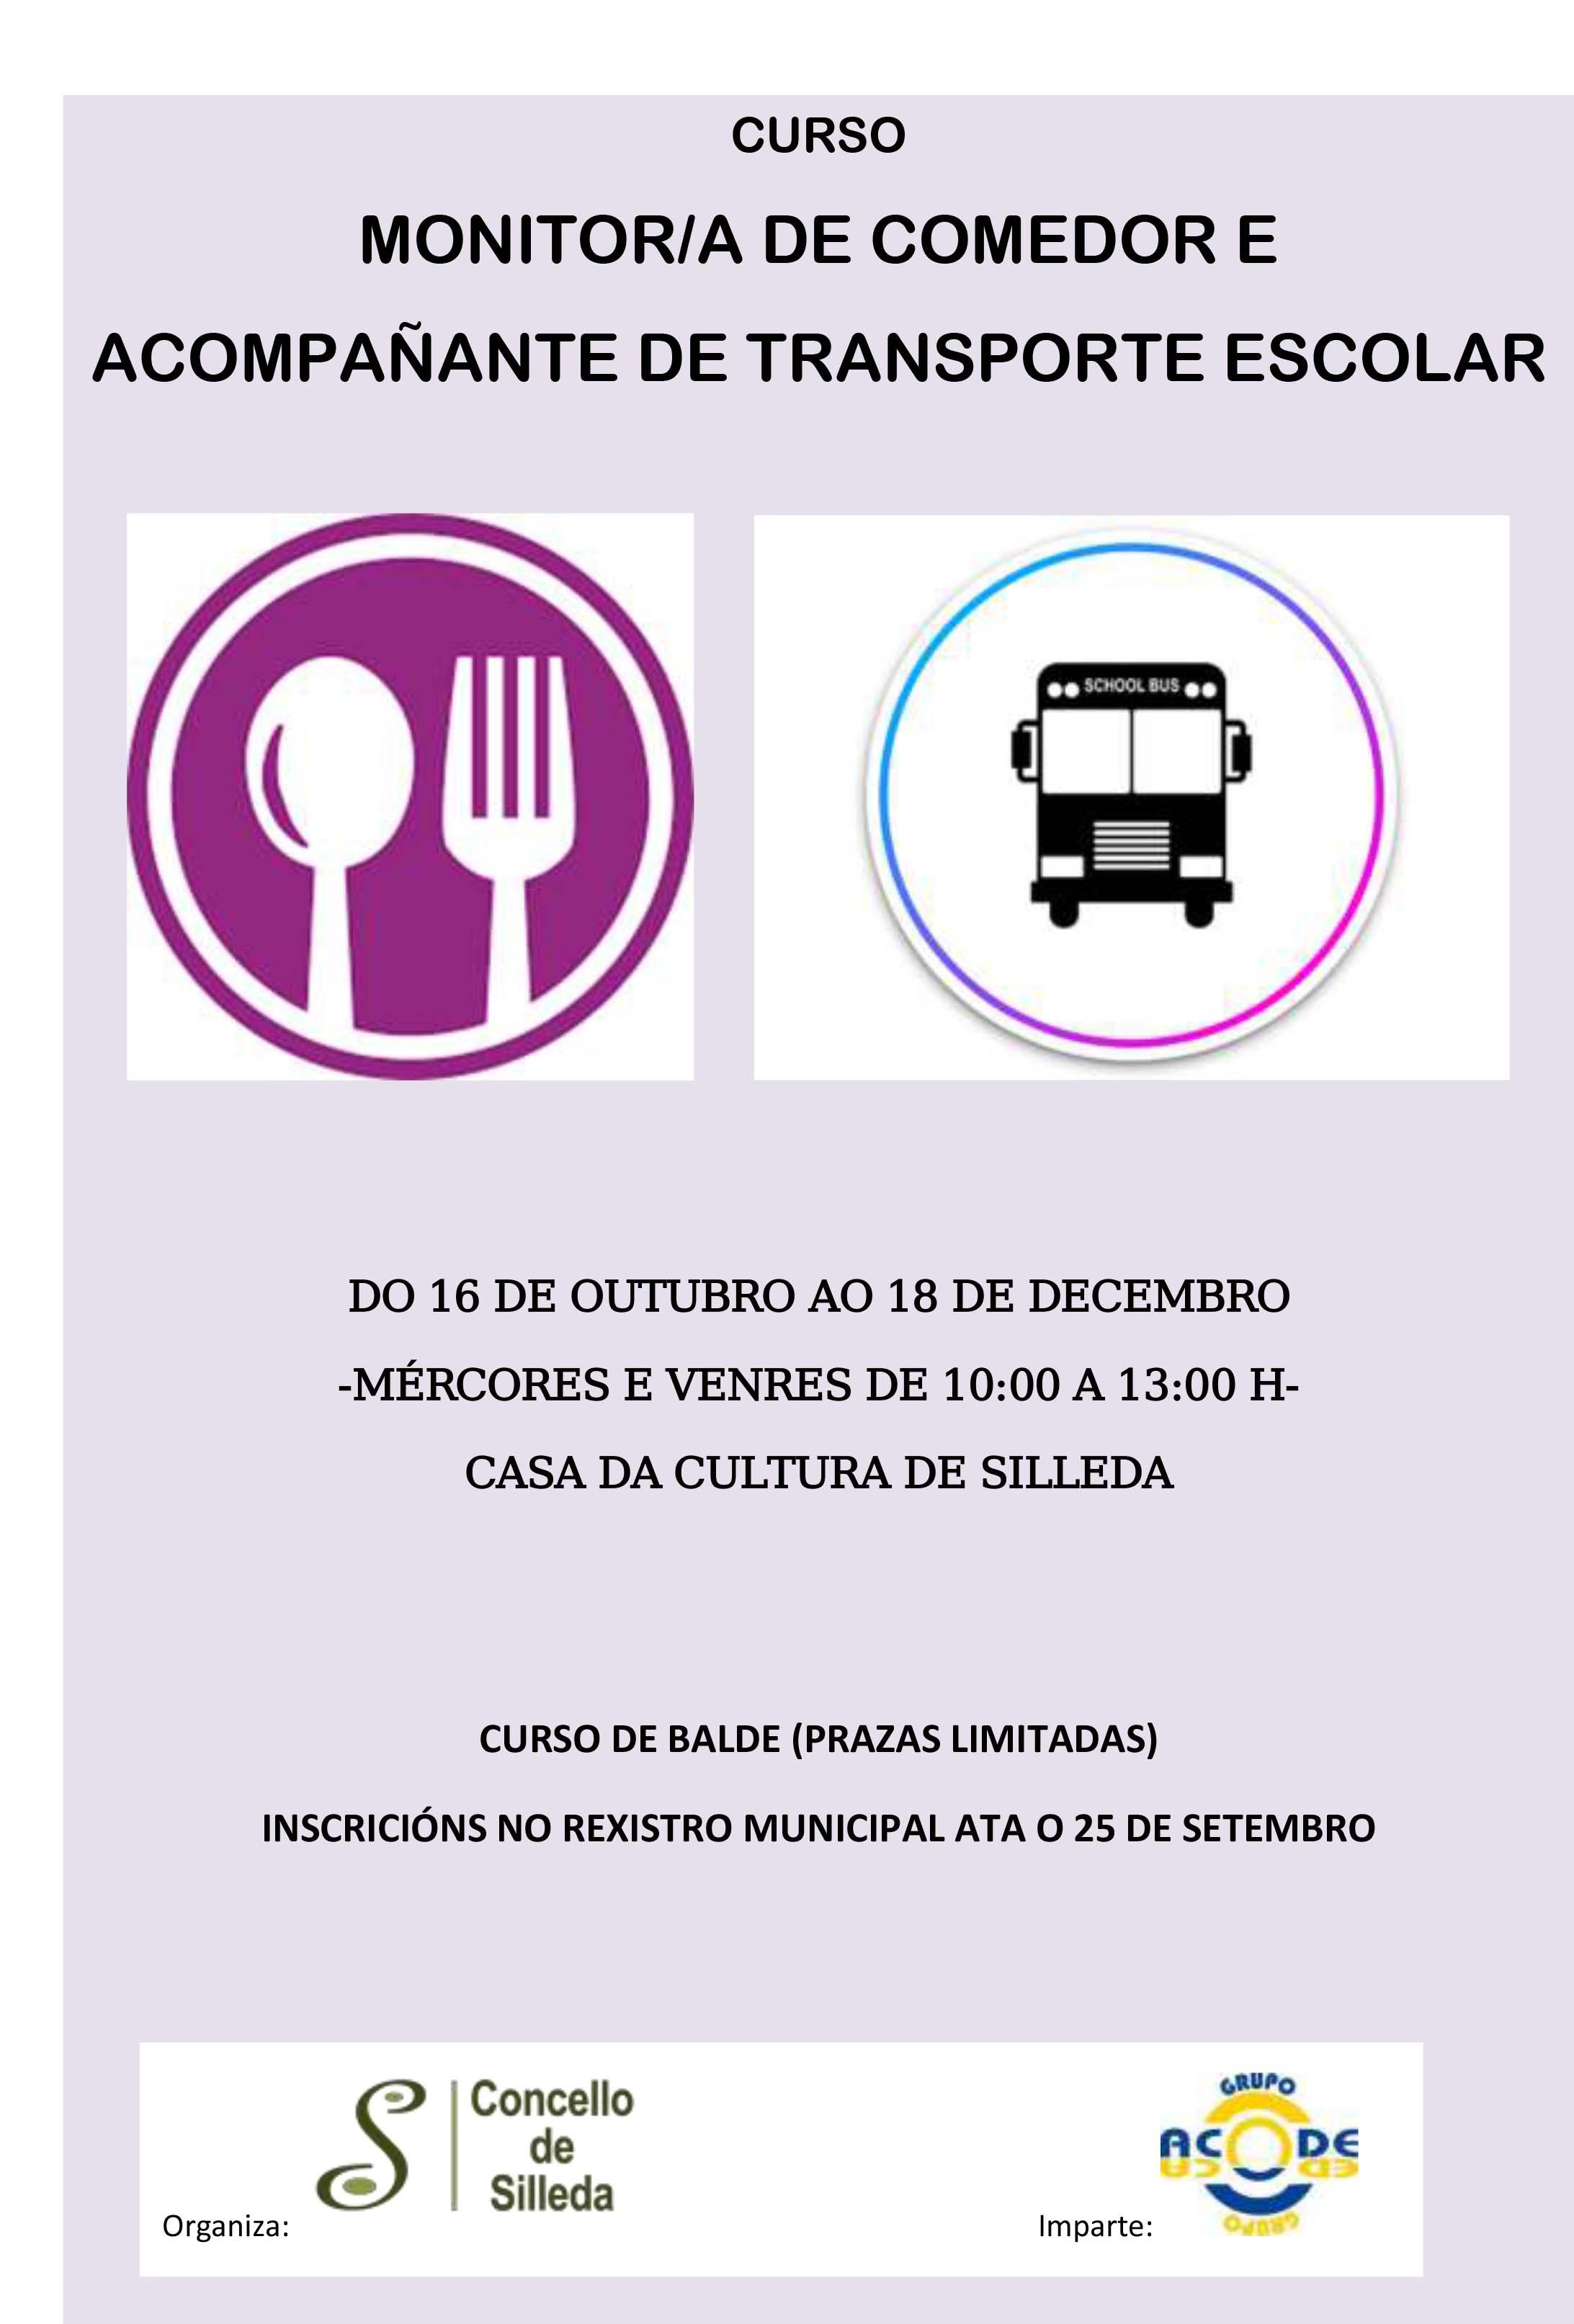 O Concello de Silleda organiza un curso de monitor/a de transporte e comedor escola